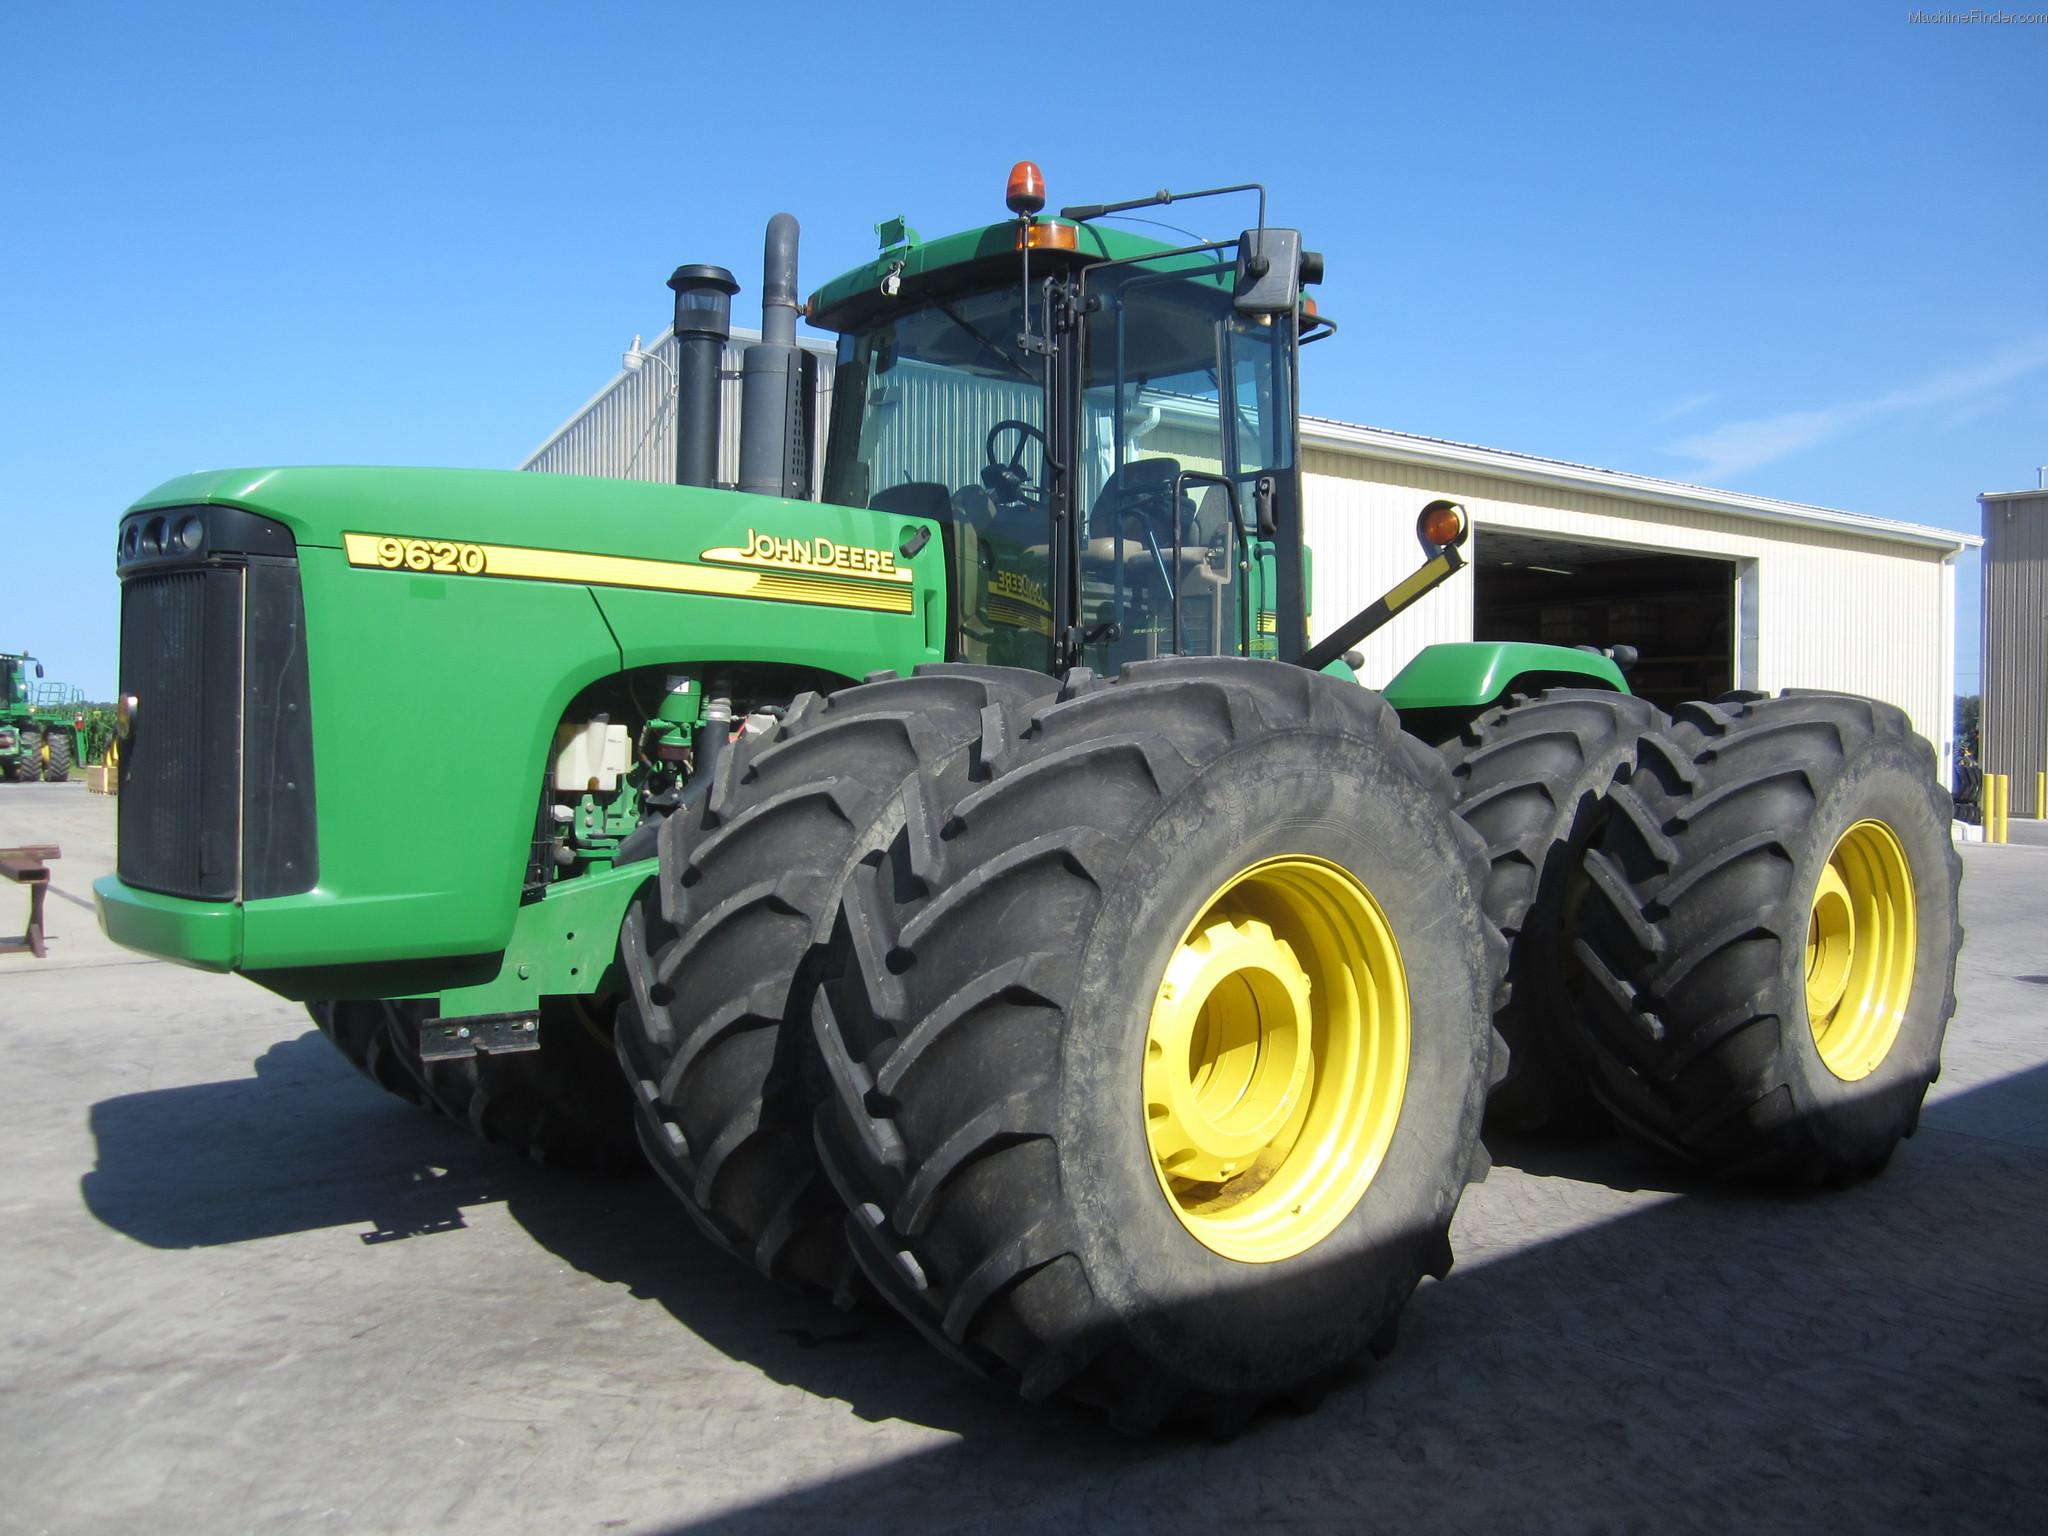 2005 John Deere 9620 Tractors - Articulated 4WD - John ...